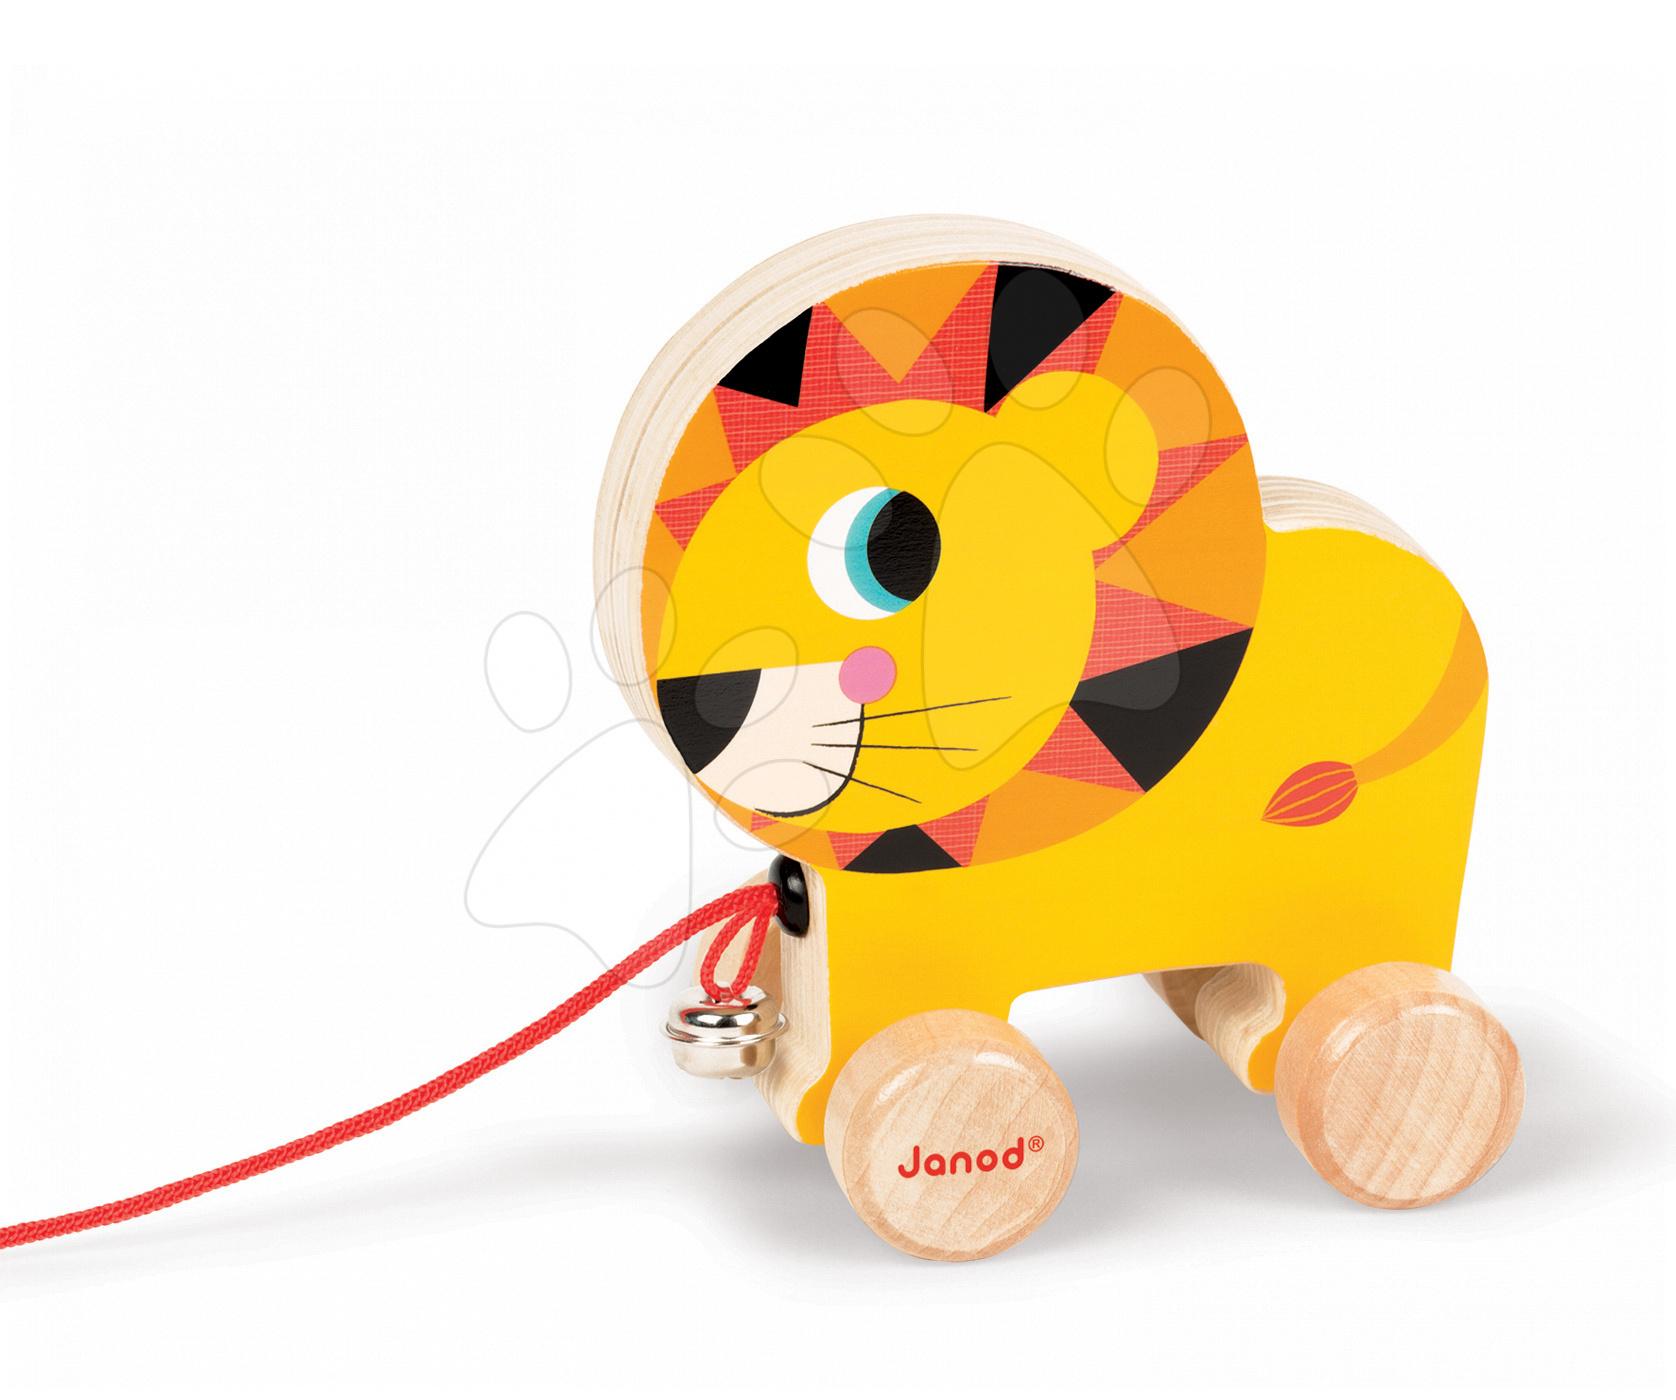 Dřevěný lev Janod zvířátko z cirkusu na tahání se zvonkem od 12 měsíců